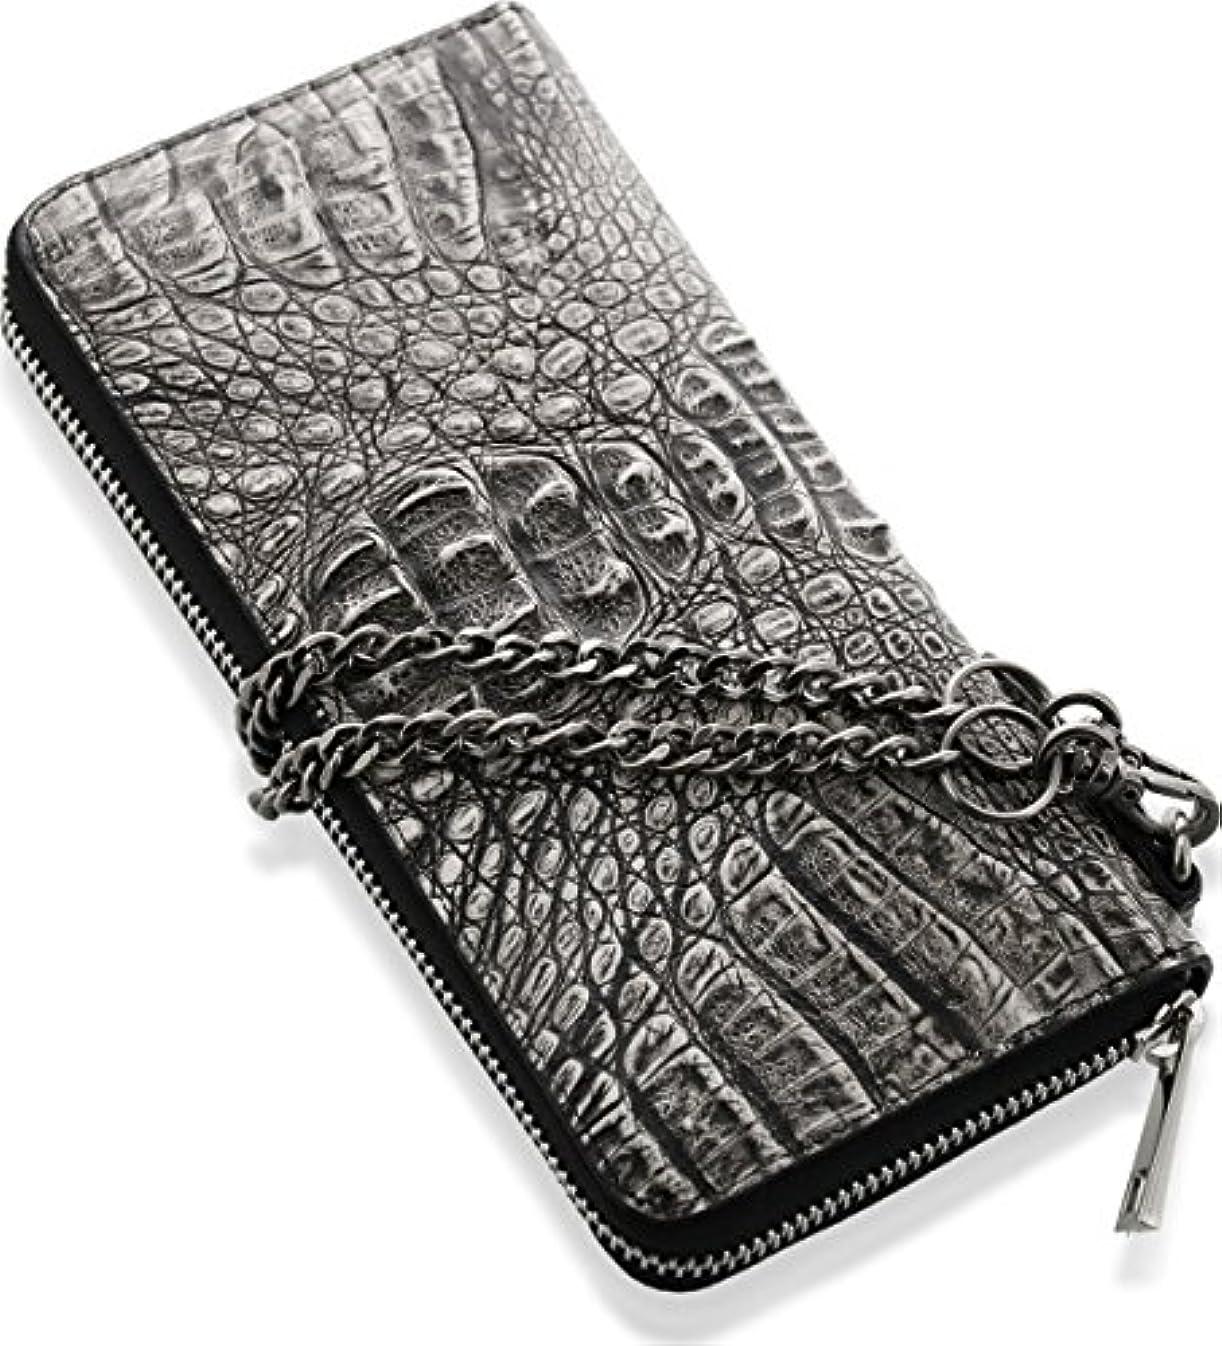 平和的委託潤滑するカイマン 財布 長財布 ラウンドファスナー マット加工 背ワニ ウォレットチェーン付 ブラックホワイト